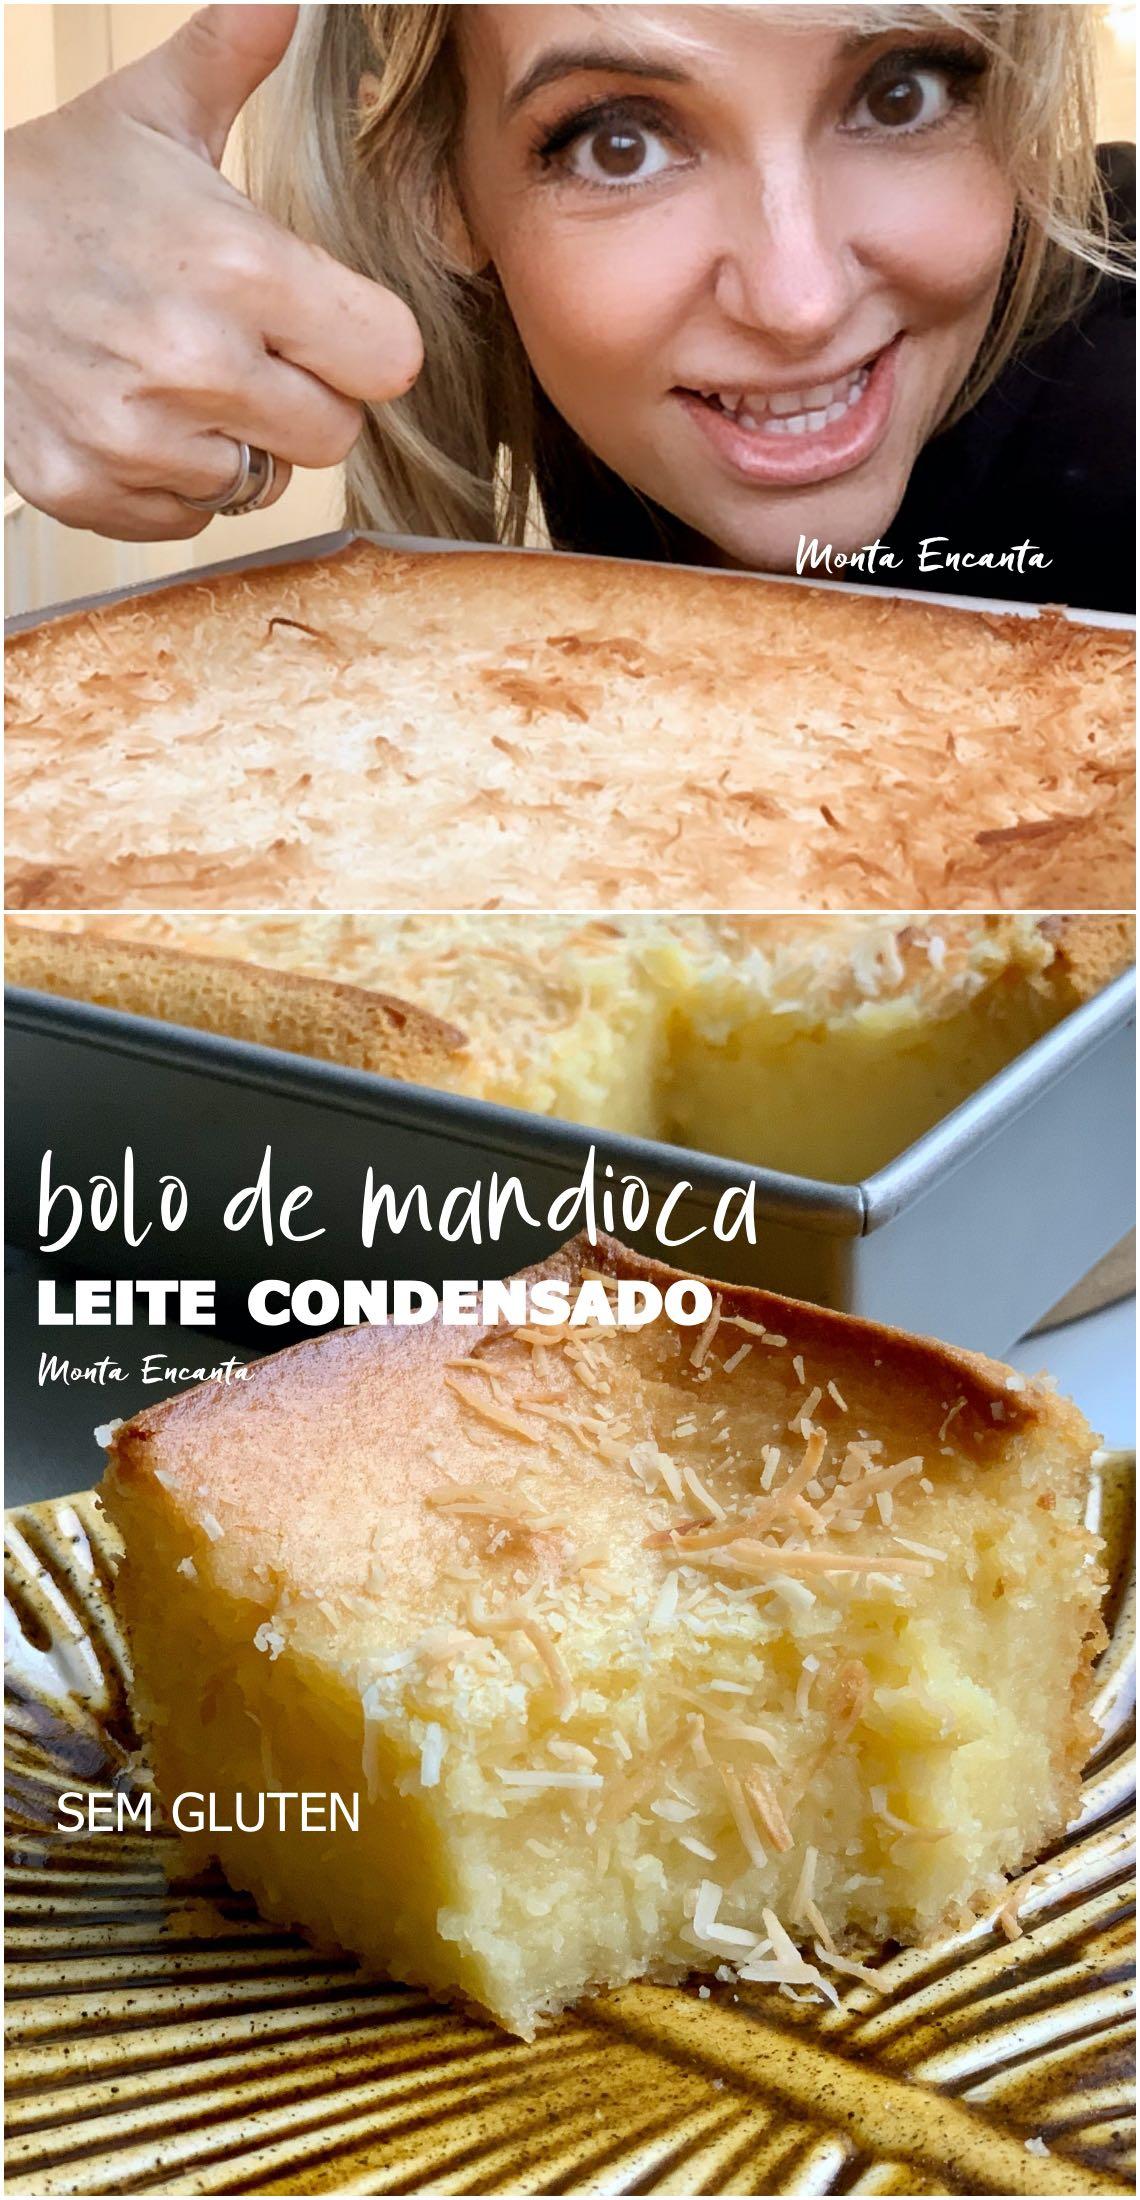 bolo de mandioca com leite condensado, sem gluten e bolo de liquidificador